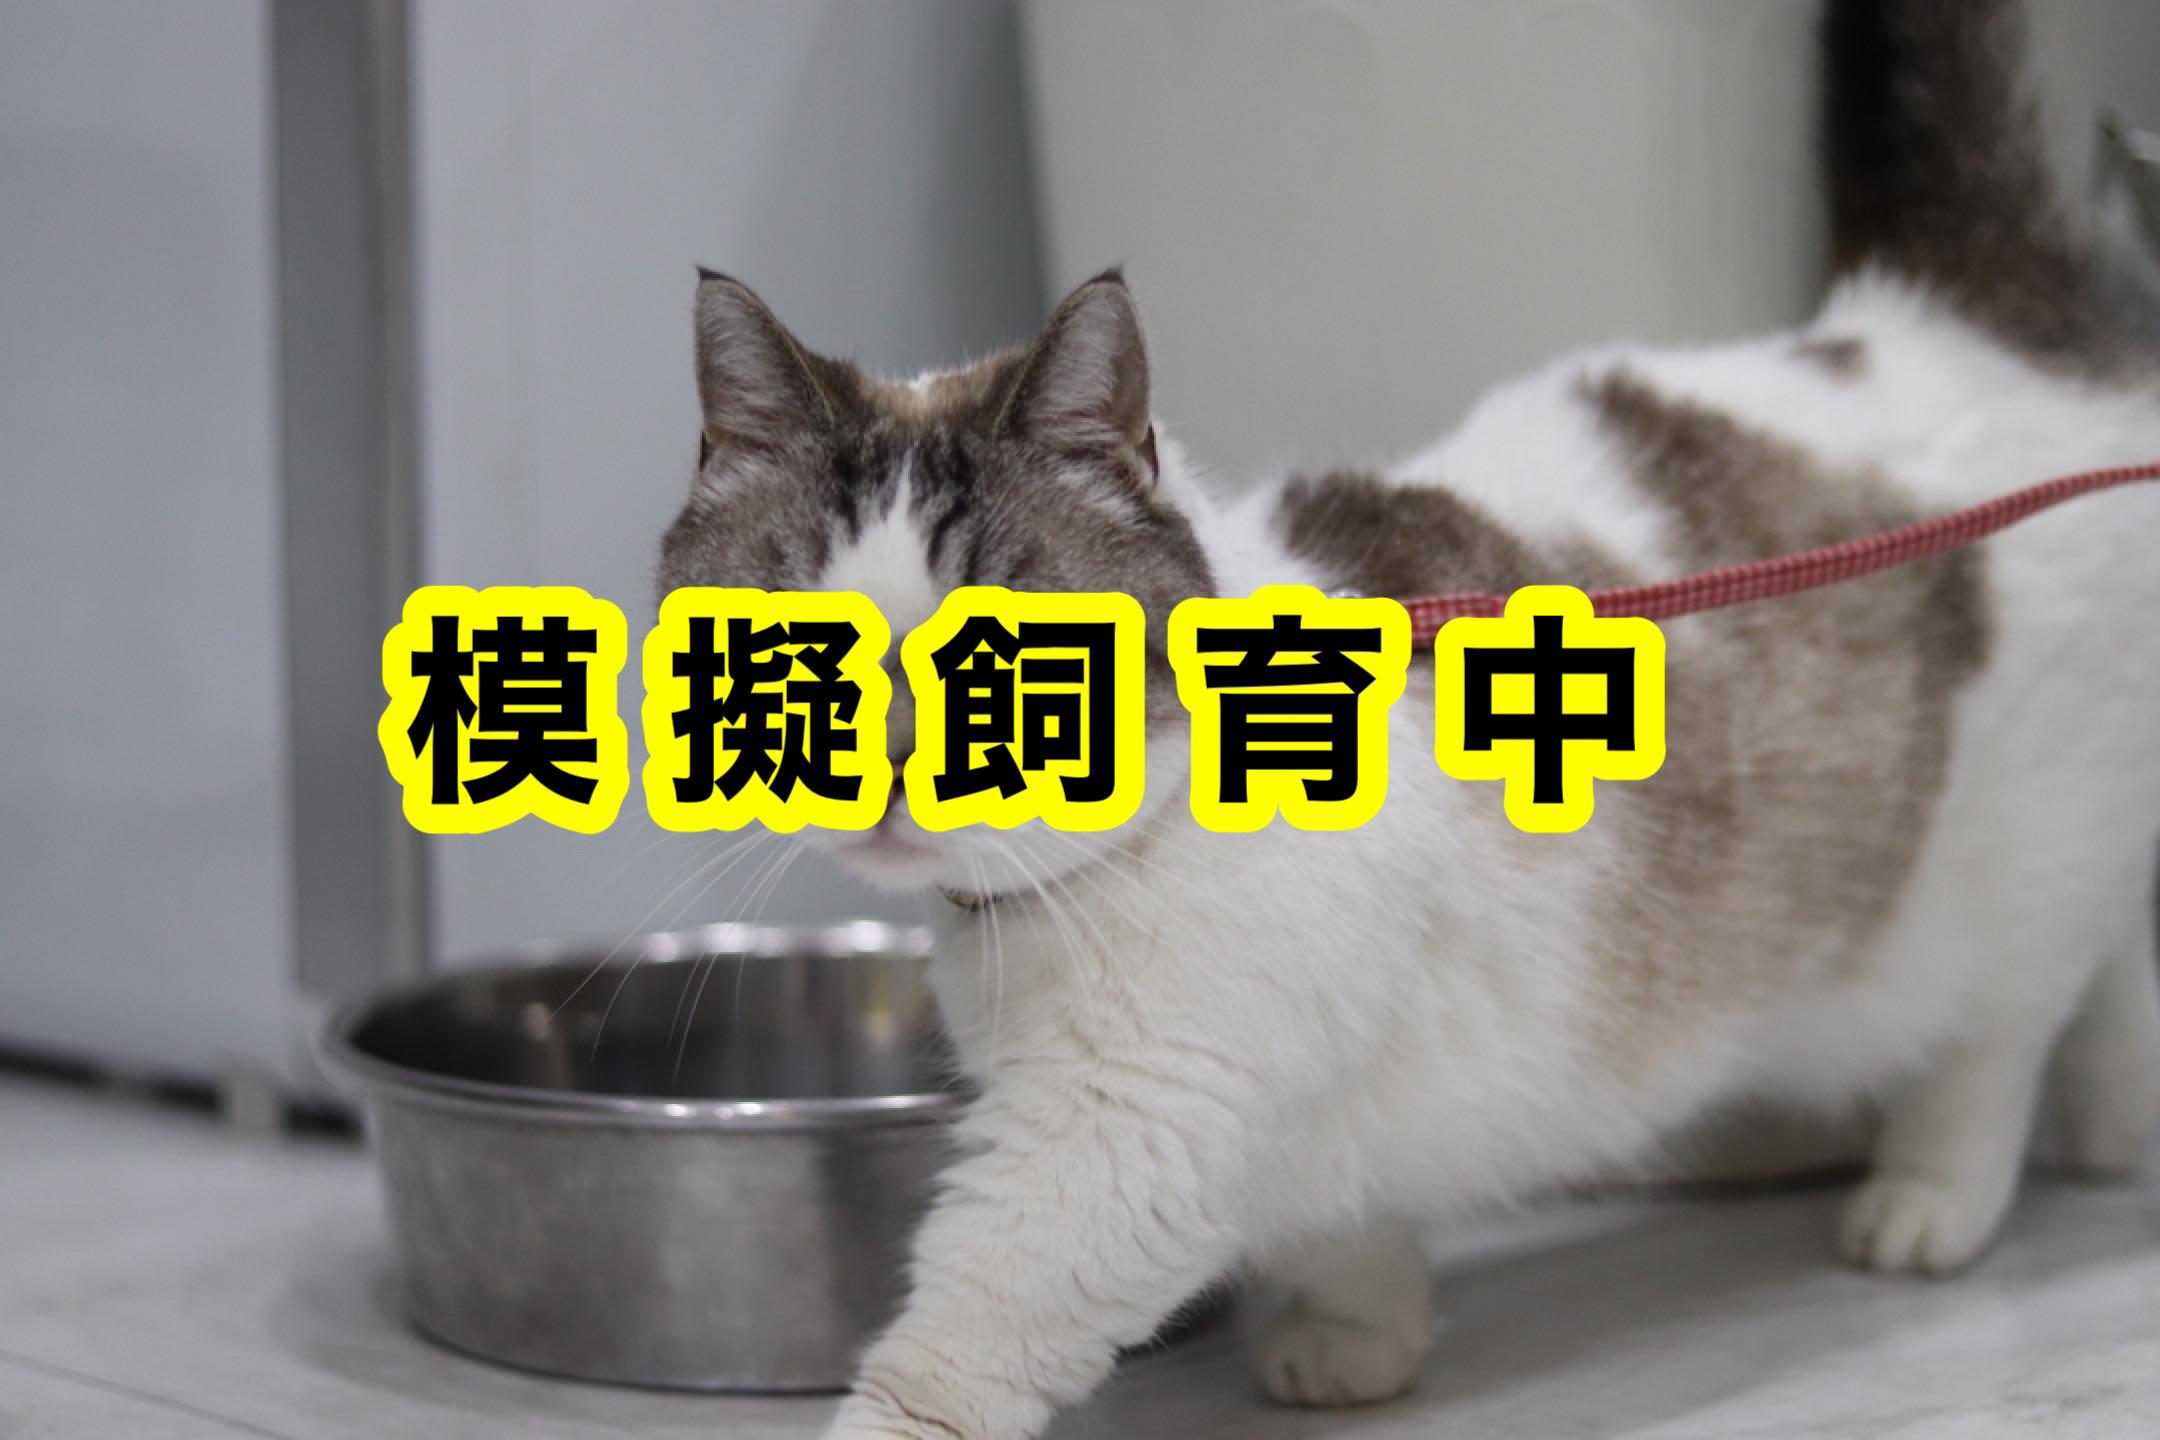 <ul> <li>猫種:マンチカン</li> <li>名前(性別):しろ(男の子)</li> <li>年齢:2010年6月1日生まれ</li> <li>保護経緯:子どもに猫アレルギー発症し飼育困難</li> </ul>